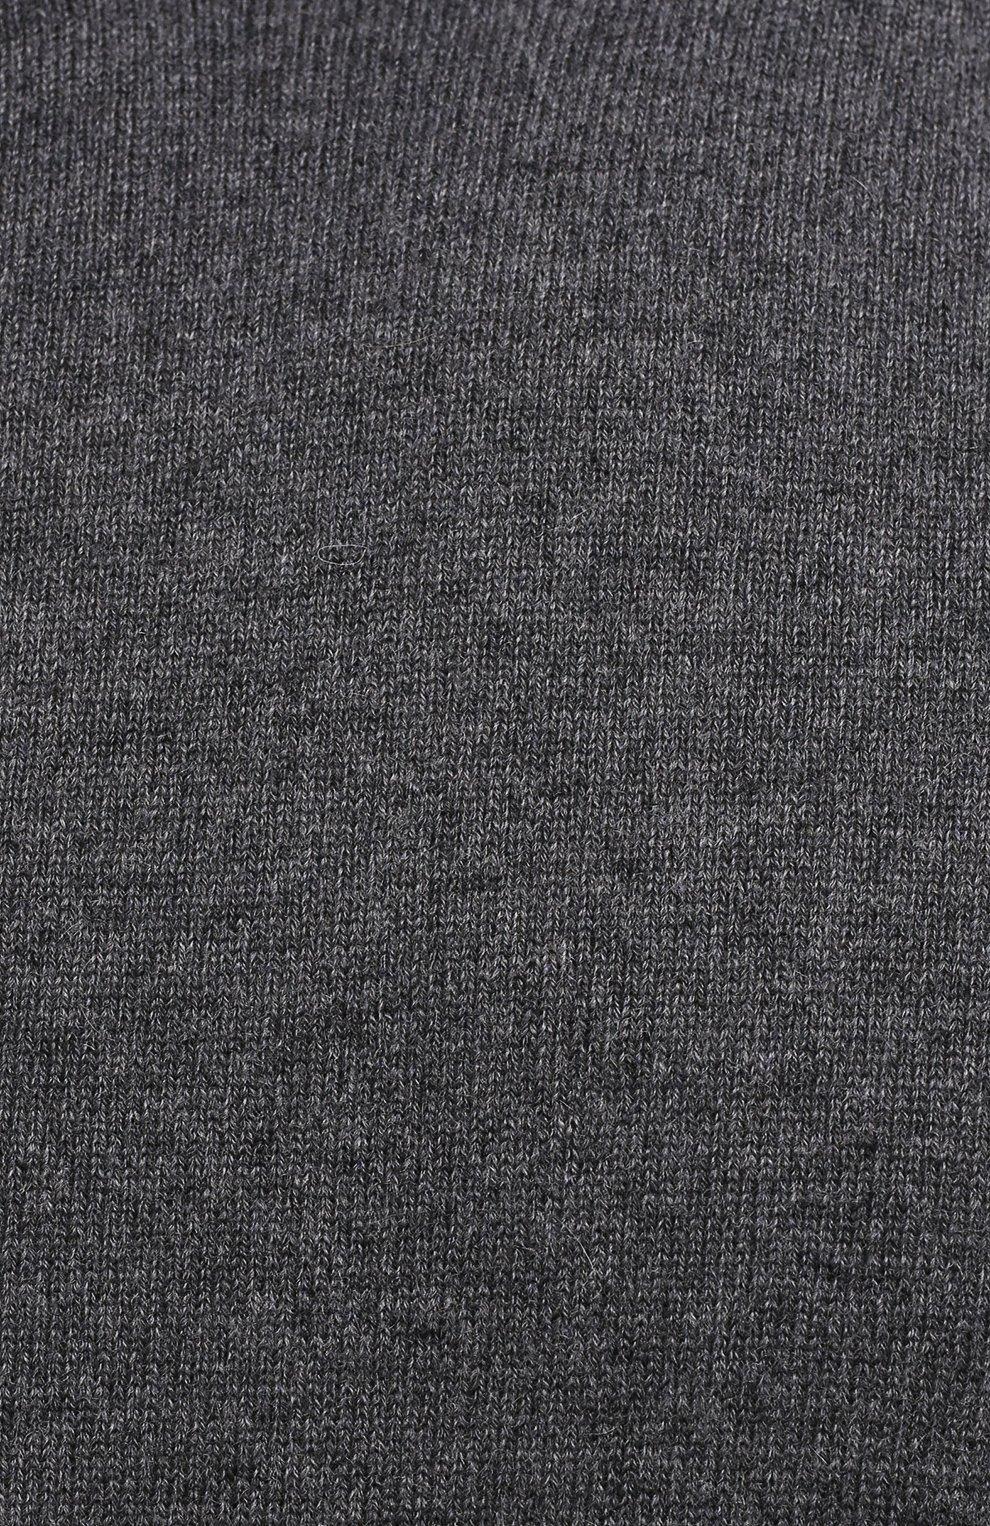 Мужской кашемировая водолазка MAISON MARGIELA серого цвета, арт. S50HA1012/S17783 | Фото 5 (Материал внешний: Шерсть, Кашемир; Рукава: Длинные; Принт: Без принта; Длина (для топов): Стандартные; Стили: Классический; Мужское Кросс-КТ: Водолазка-одежда)